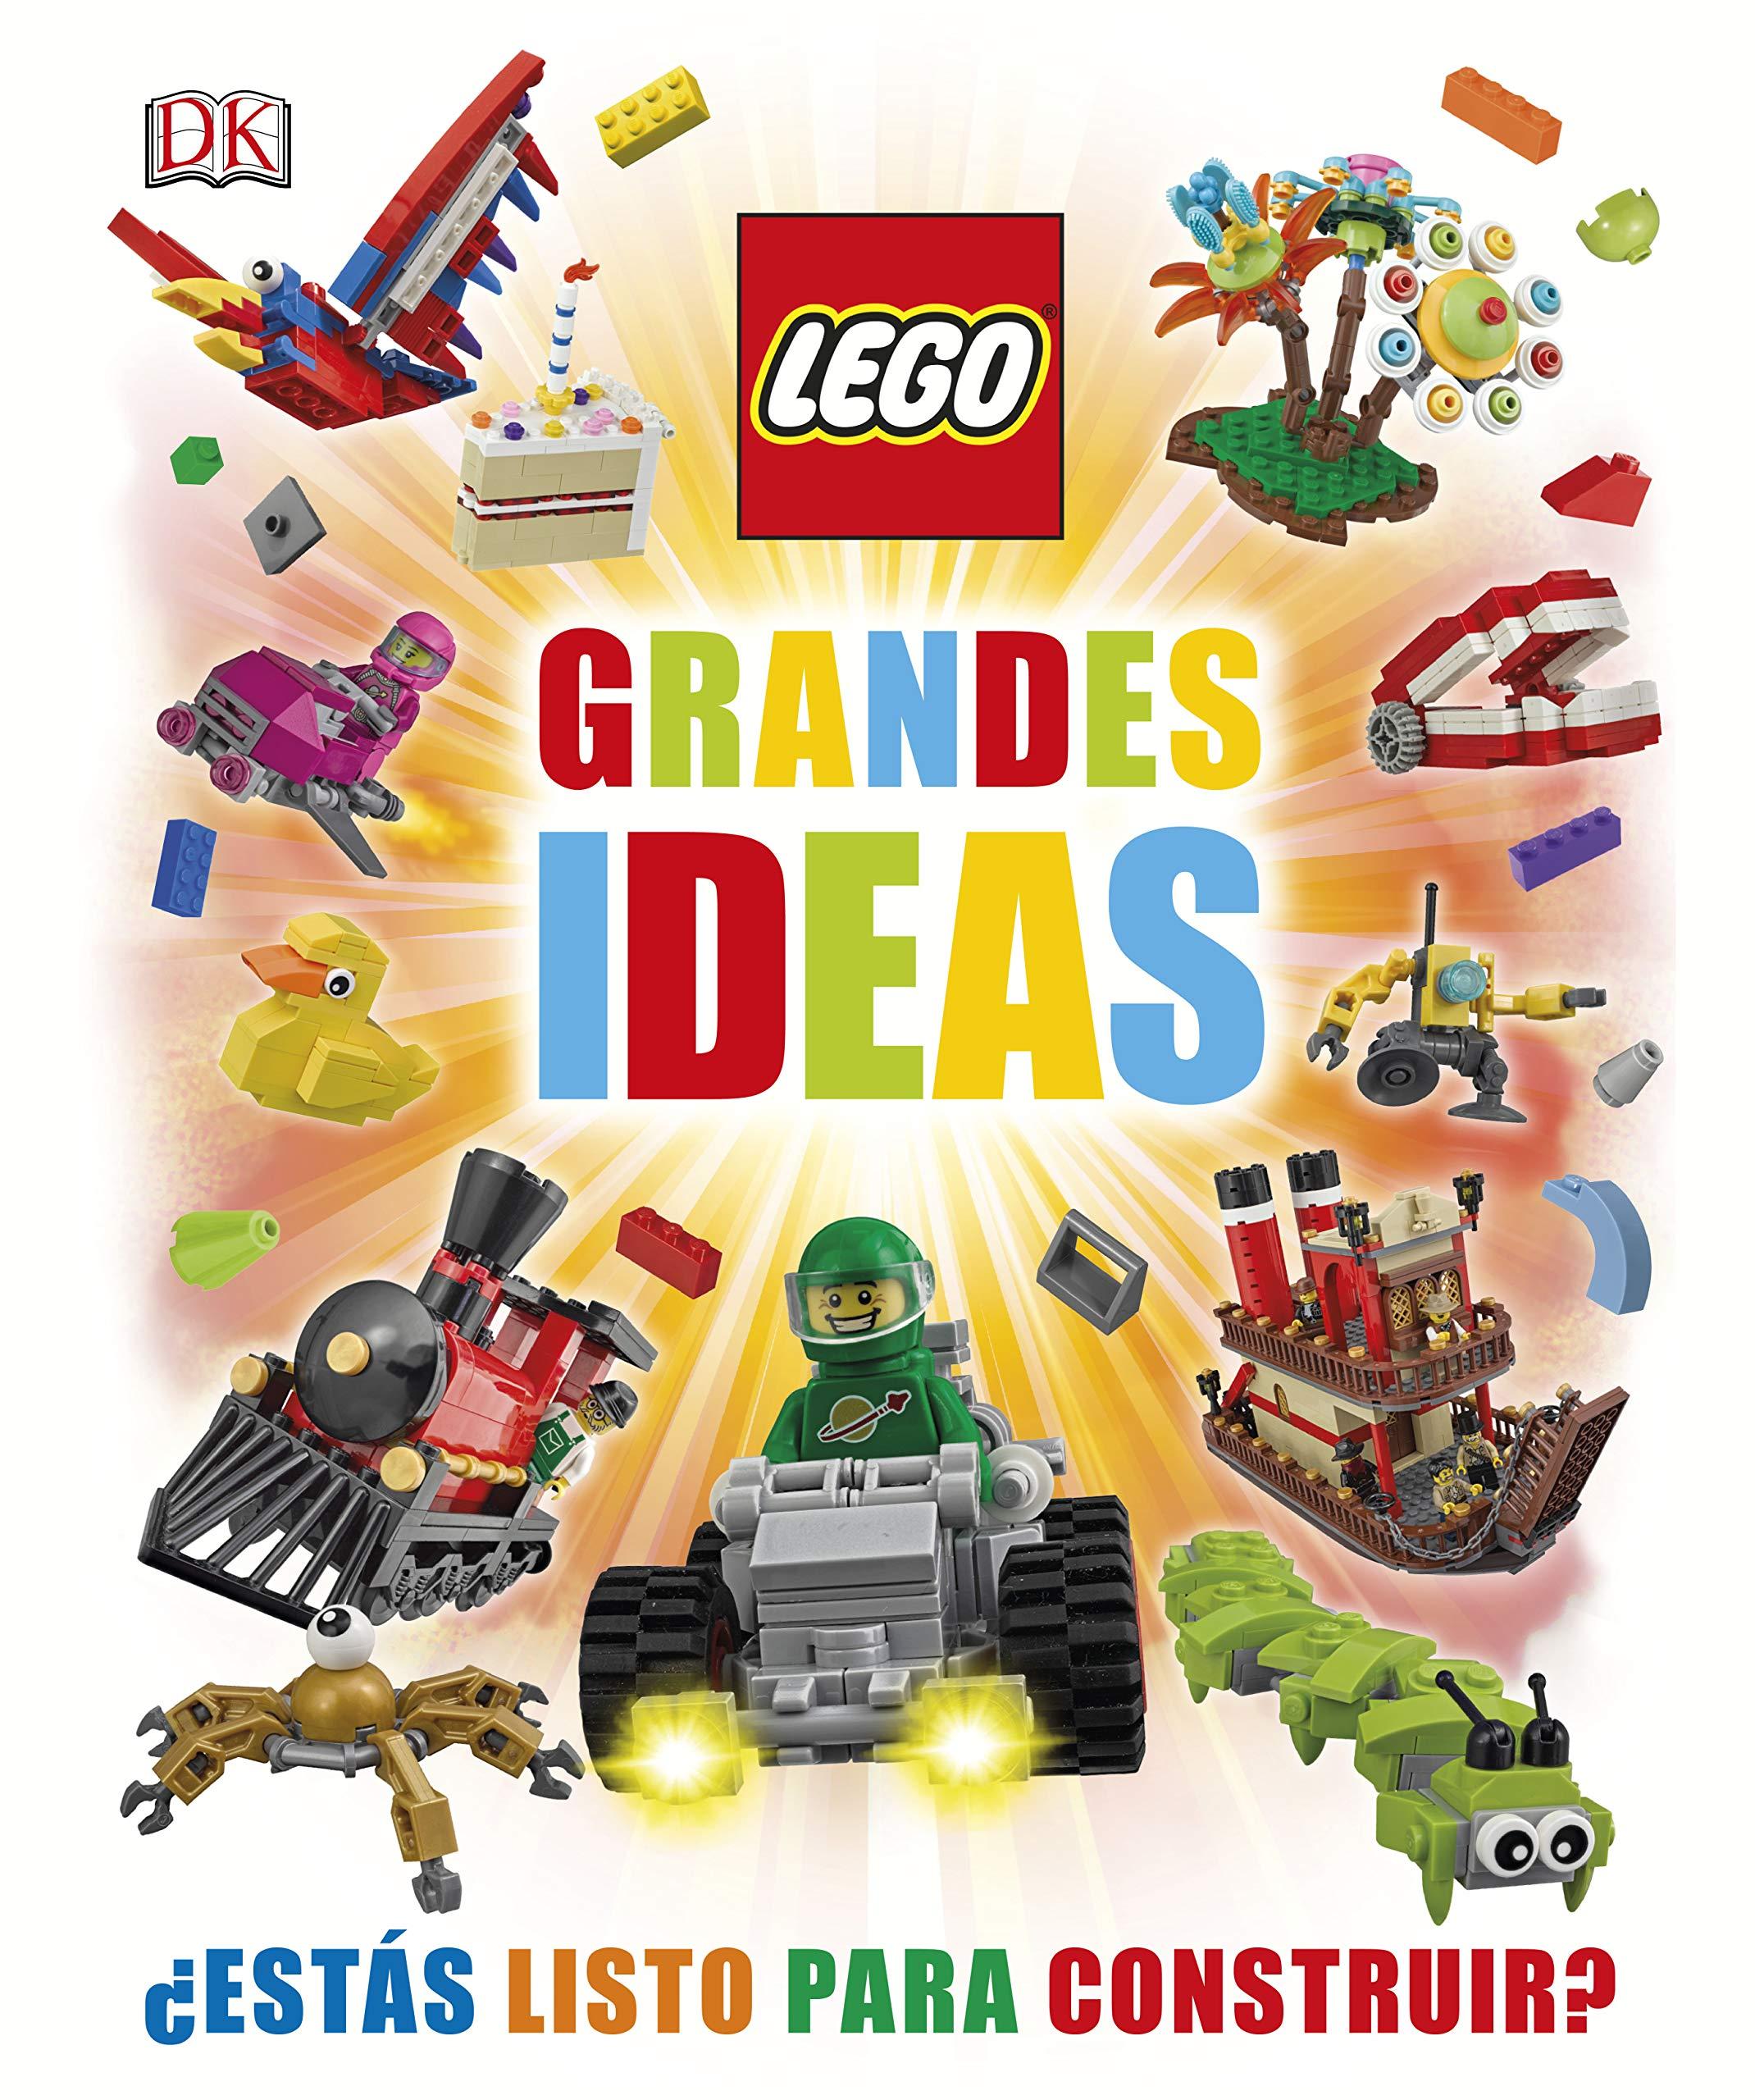 LEGO Grandes ideas: Amazon.es: Varios autores: Libros